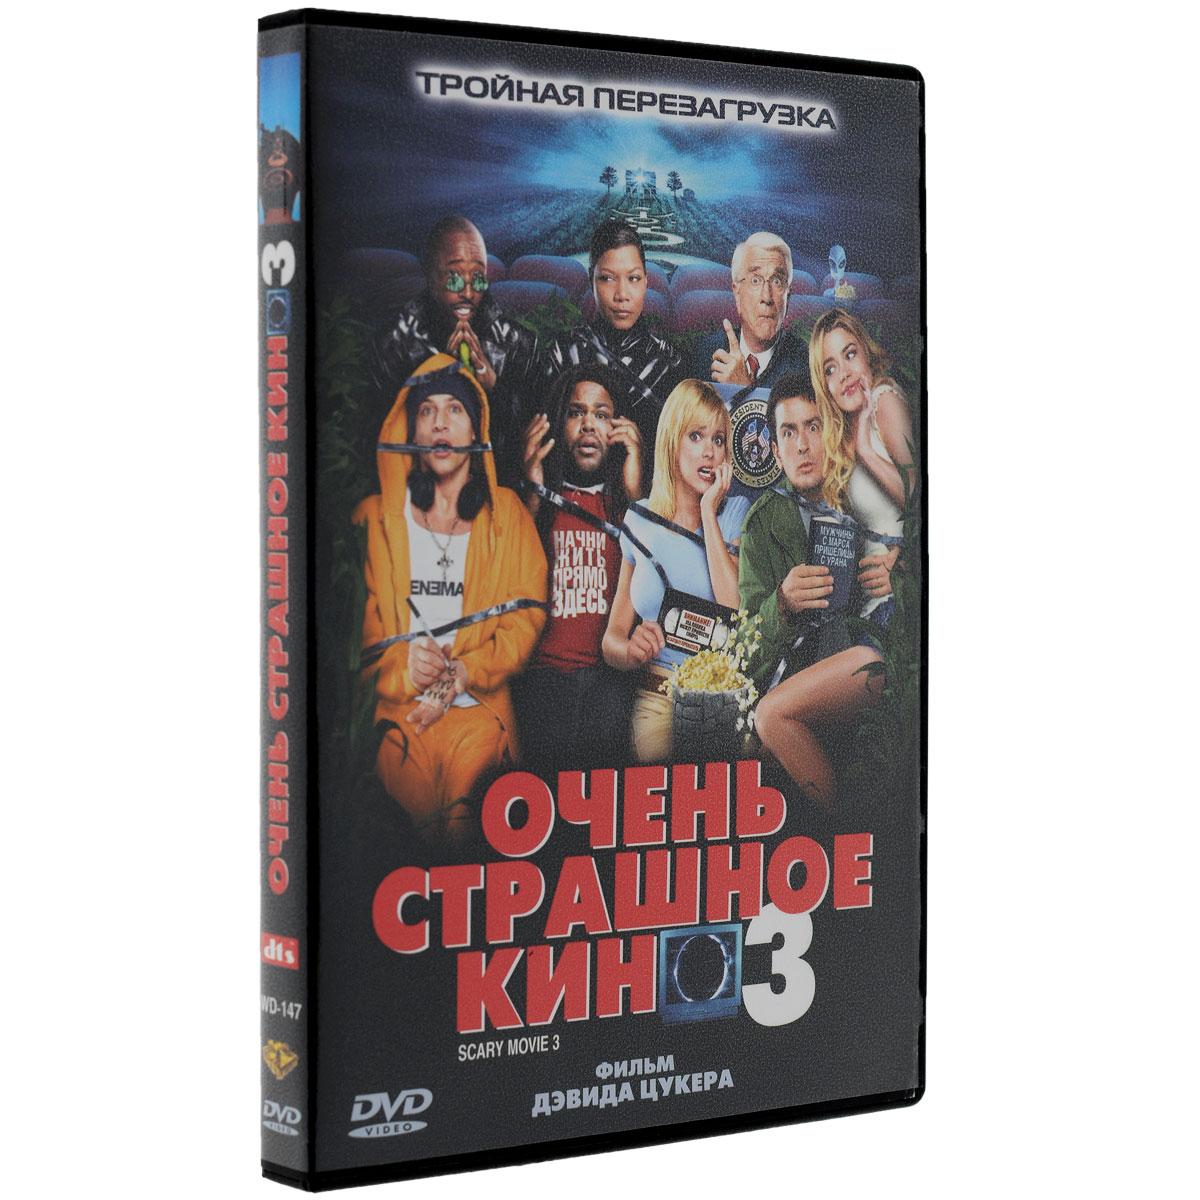 Очень страшное кино 3 2004 DVD